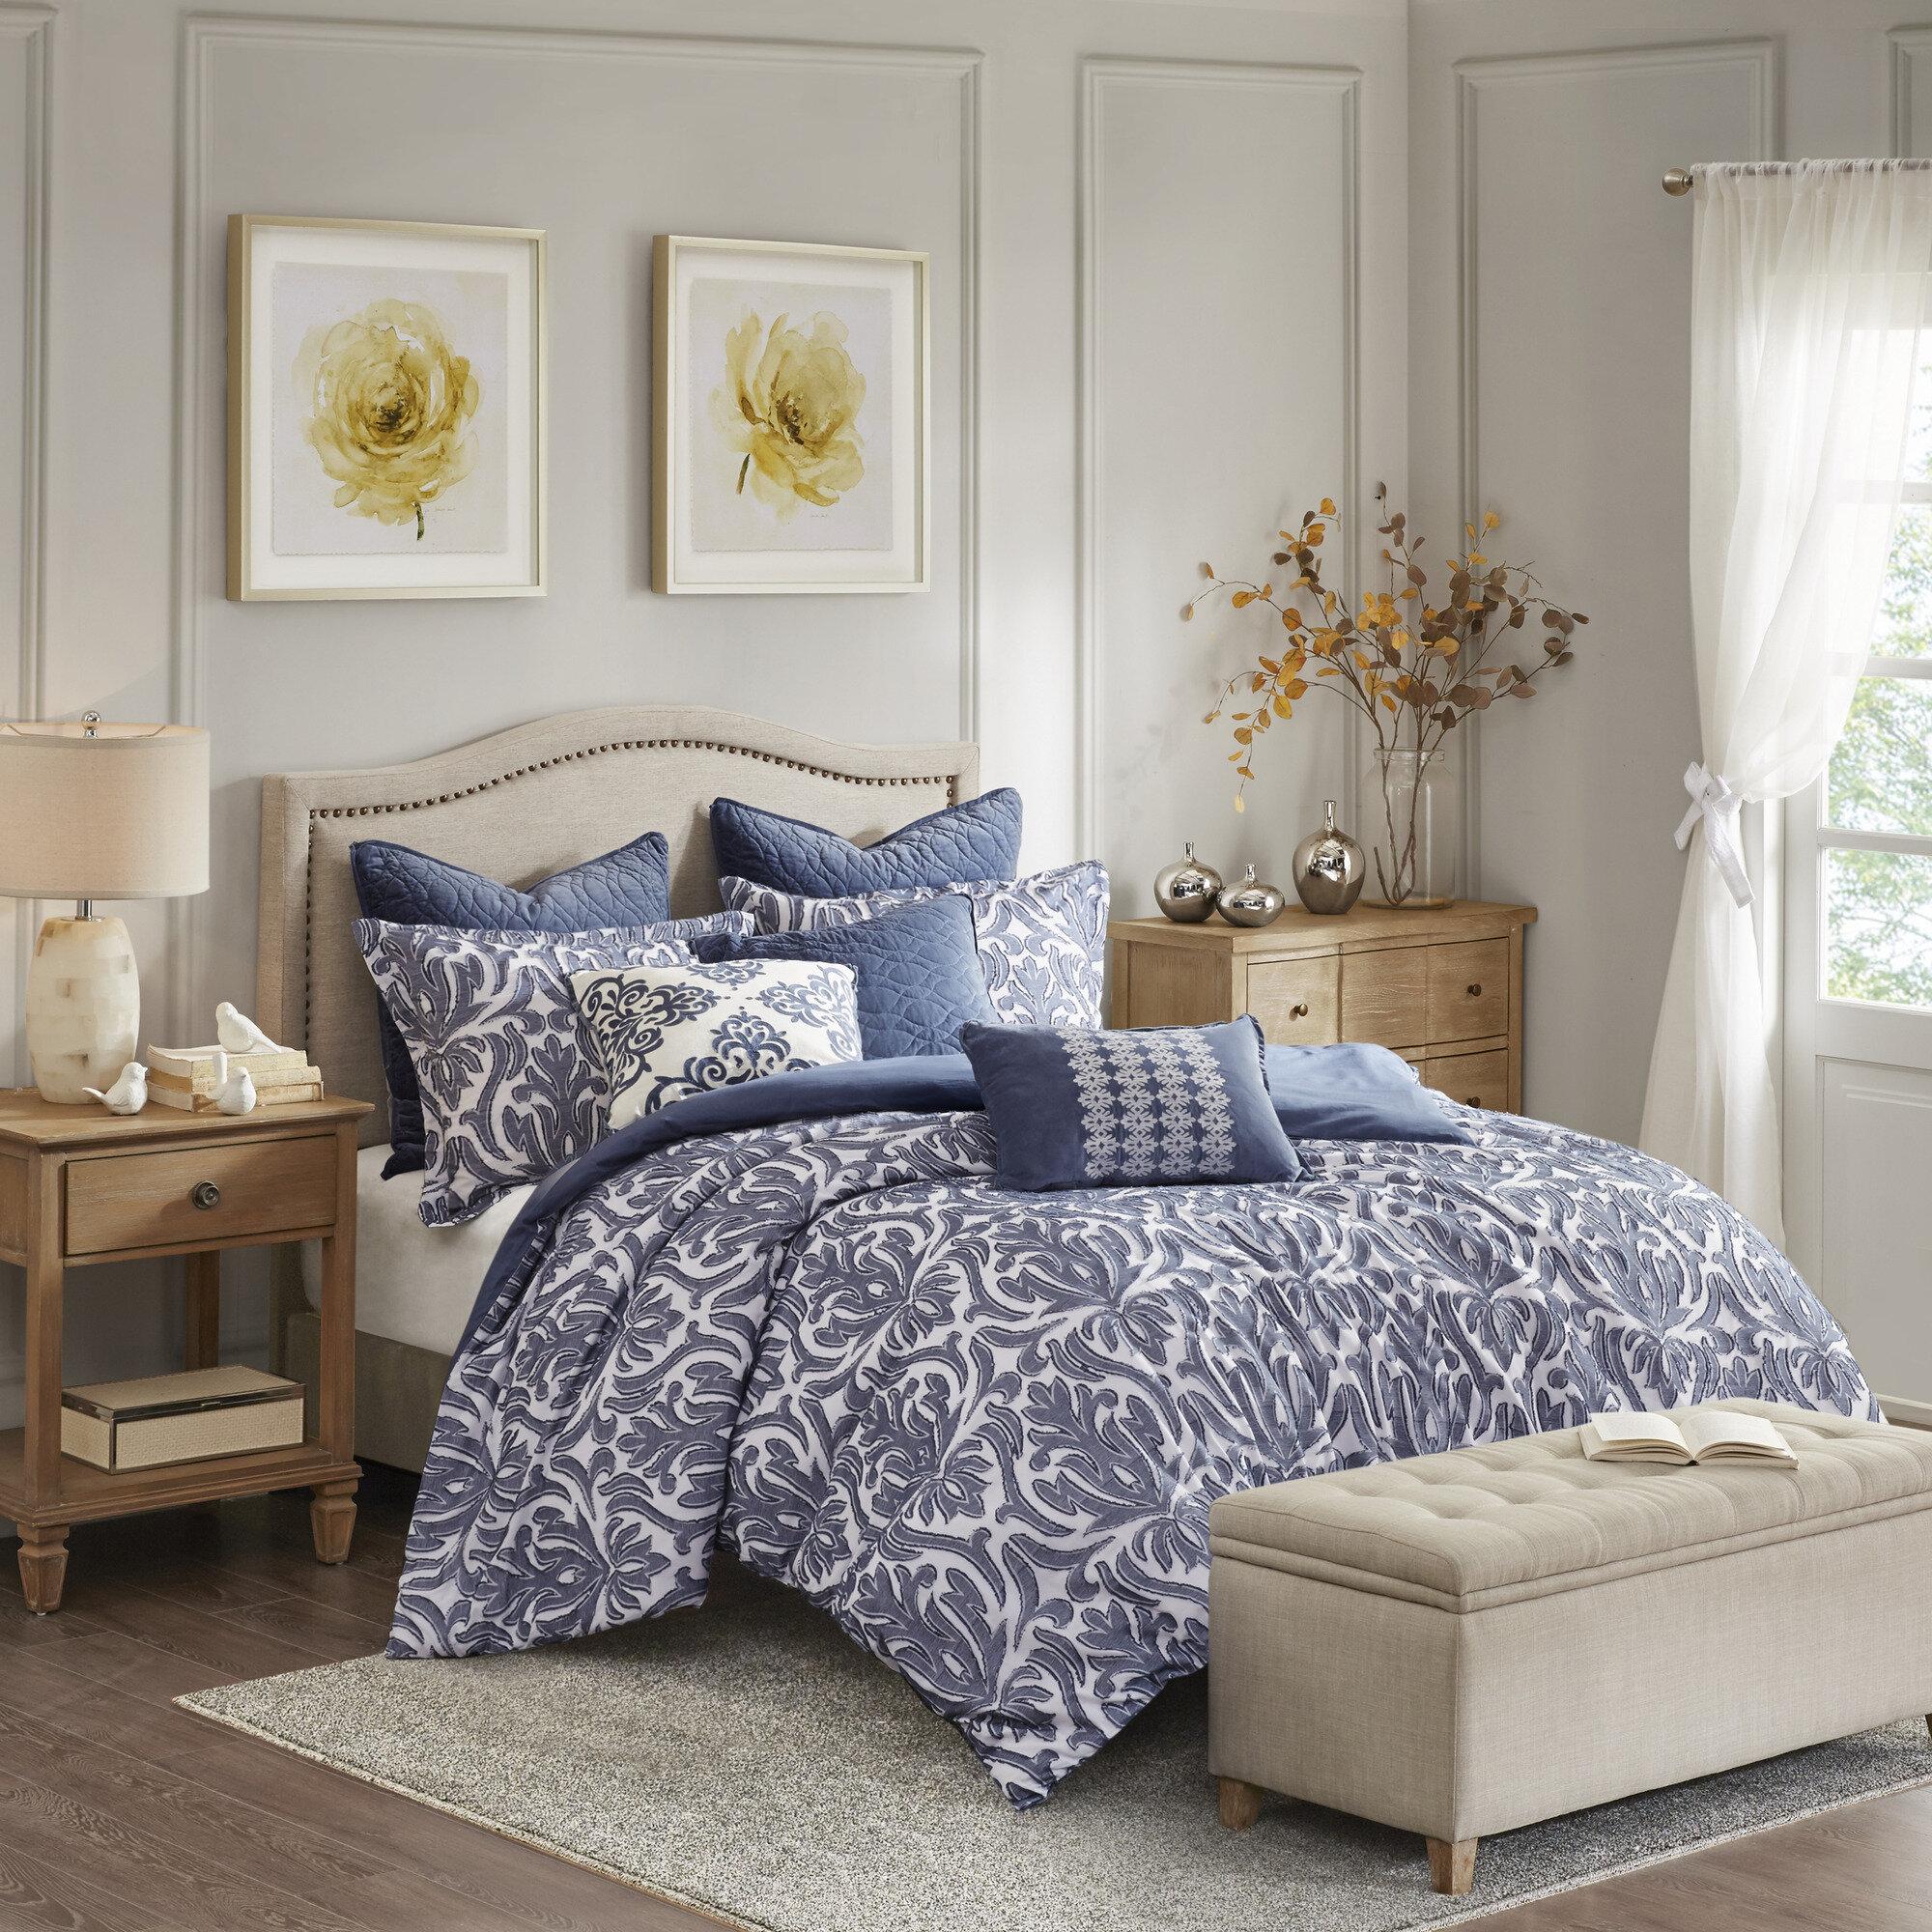 BiancaFeatures a superb jacquard design Amalfi White Quilt Duvet Cover